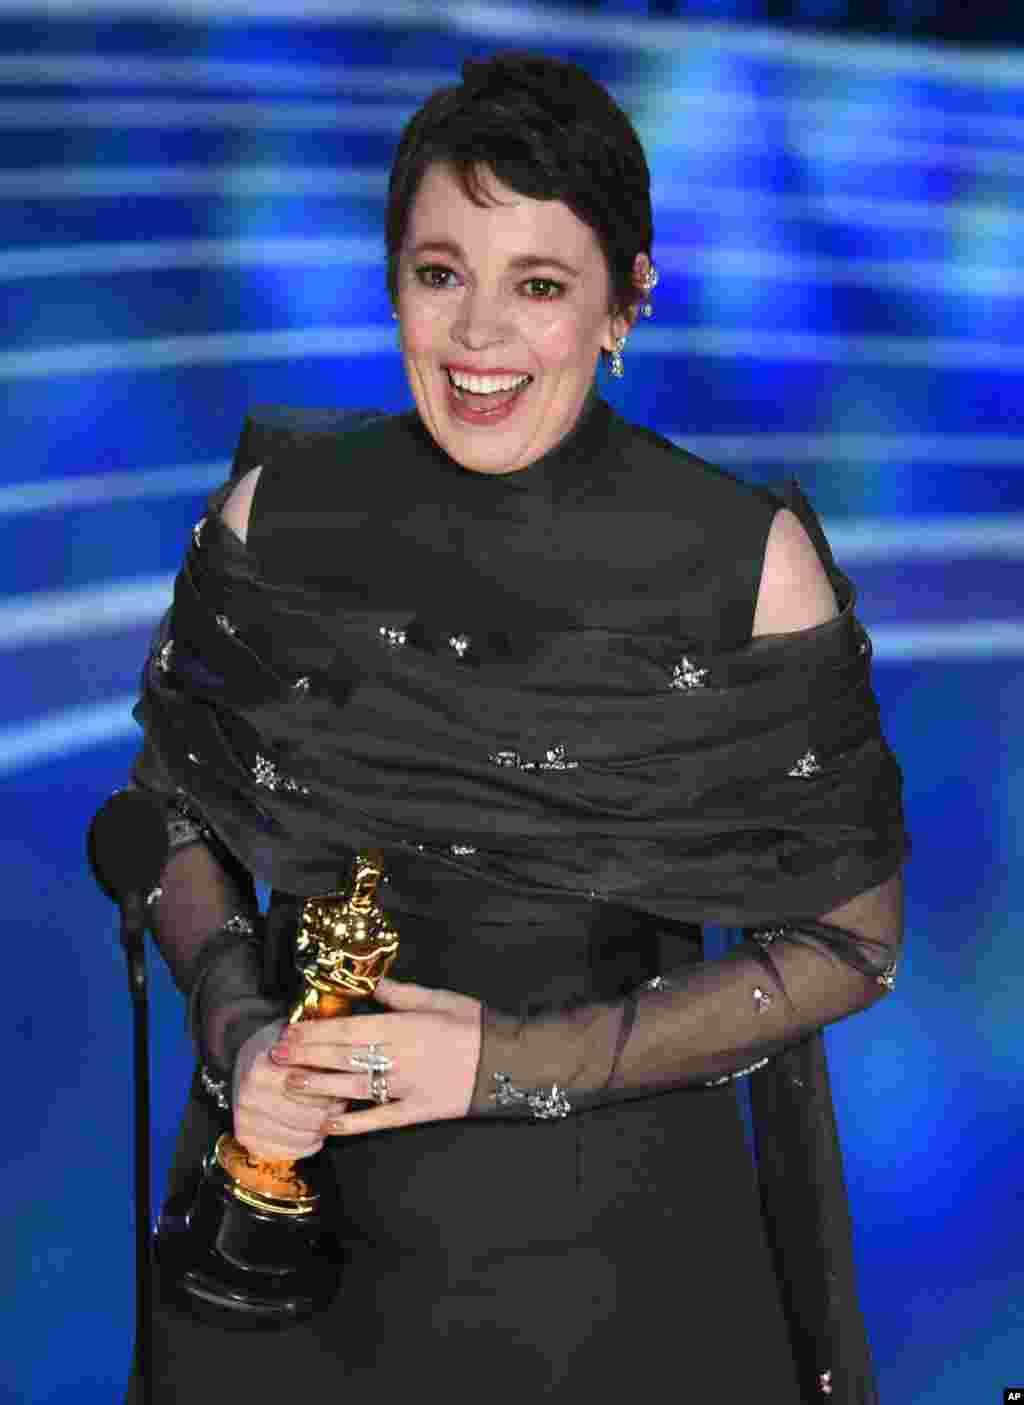 """اولیویا کولمن برای بازی در فلم """"دلخواه"""" برندۀ جایزۀ بهترین هنرپیشه زن شد"""